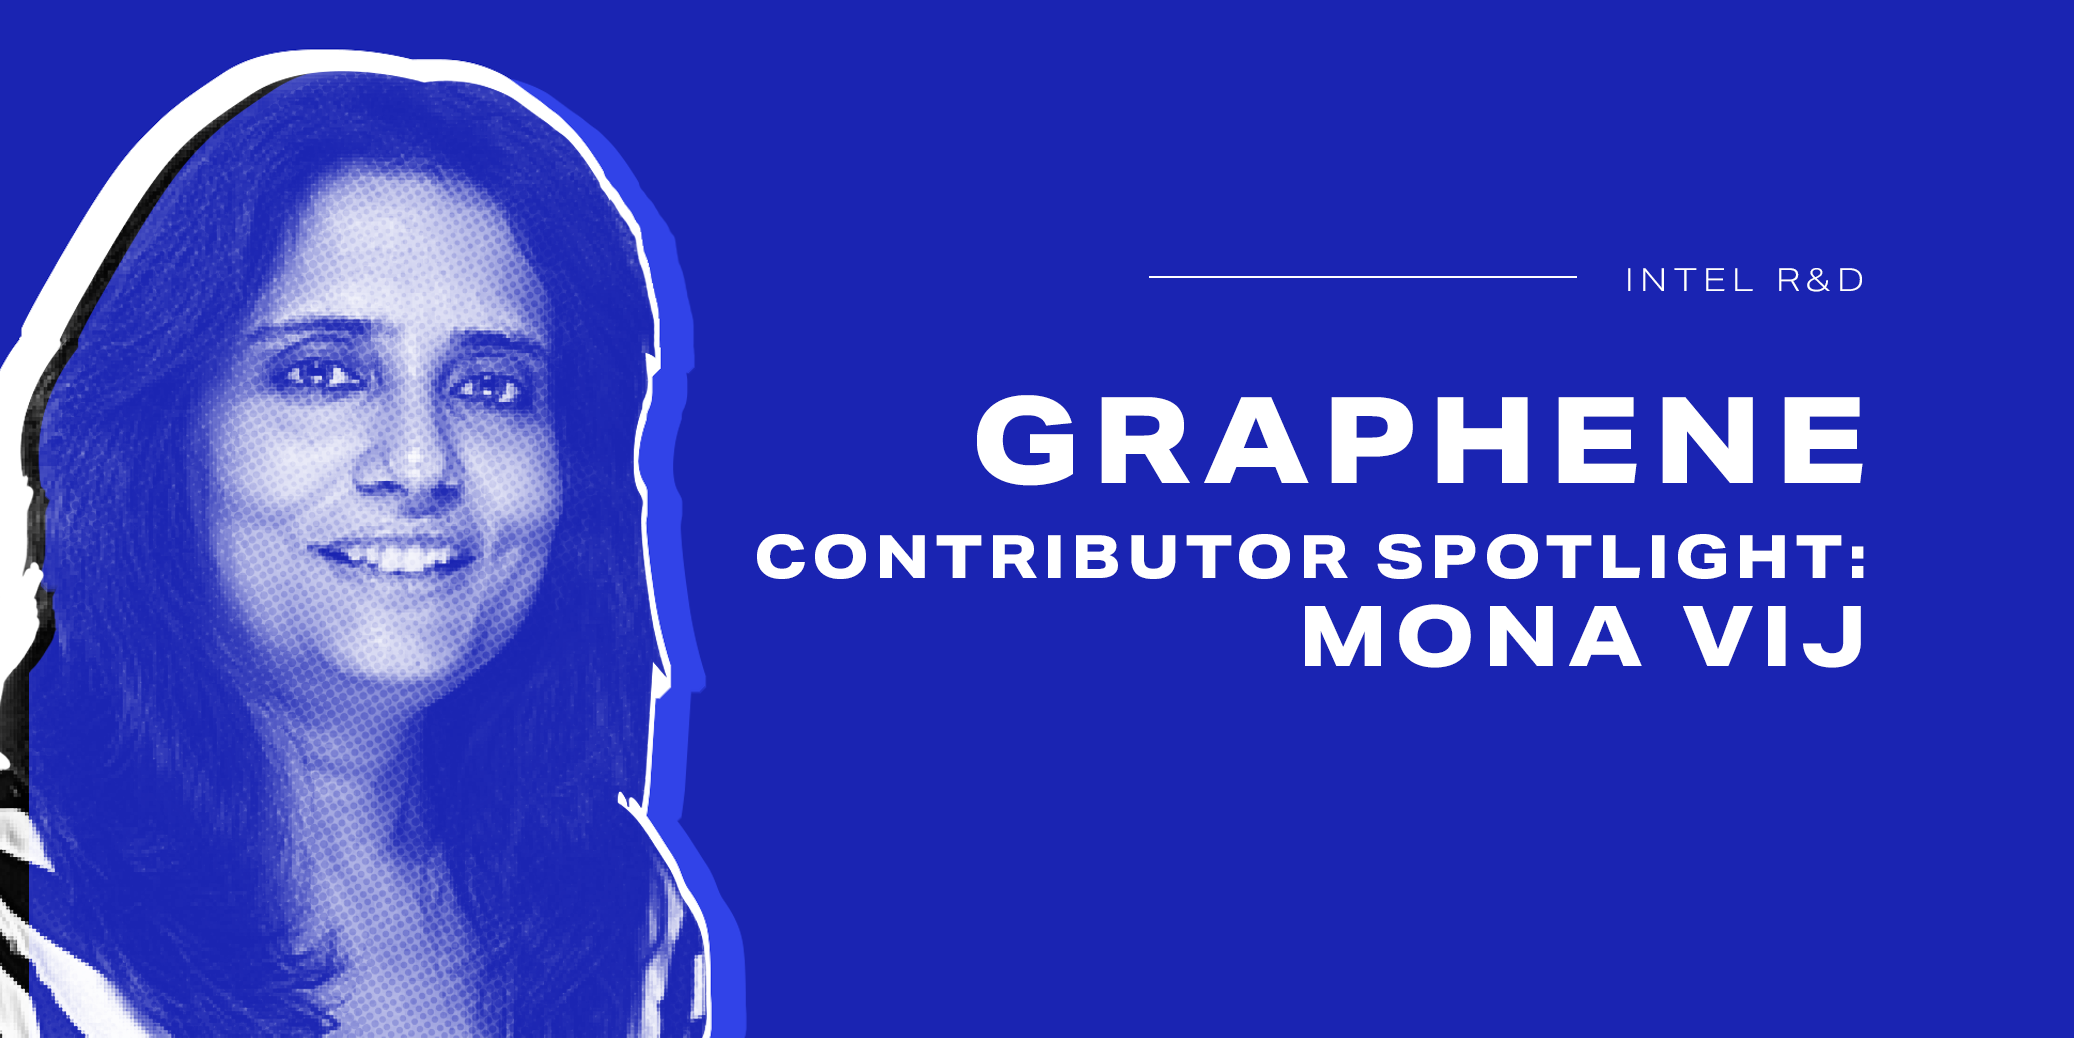 Contributor Spotlight - Mona Vij (Intel Labs)